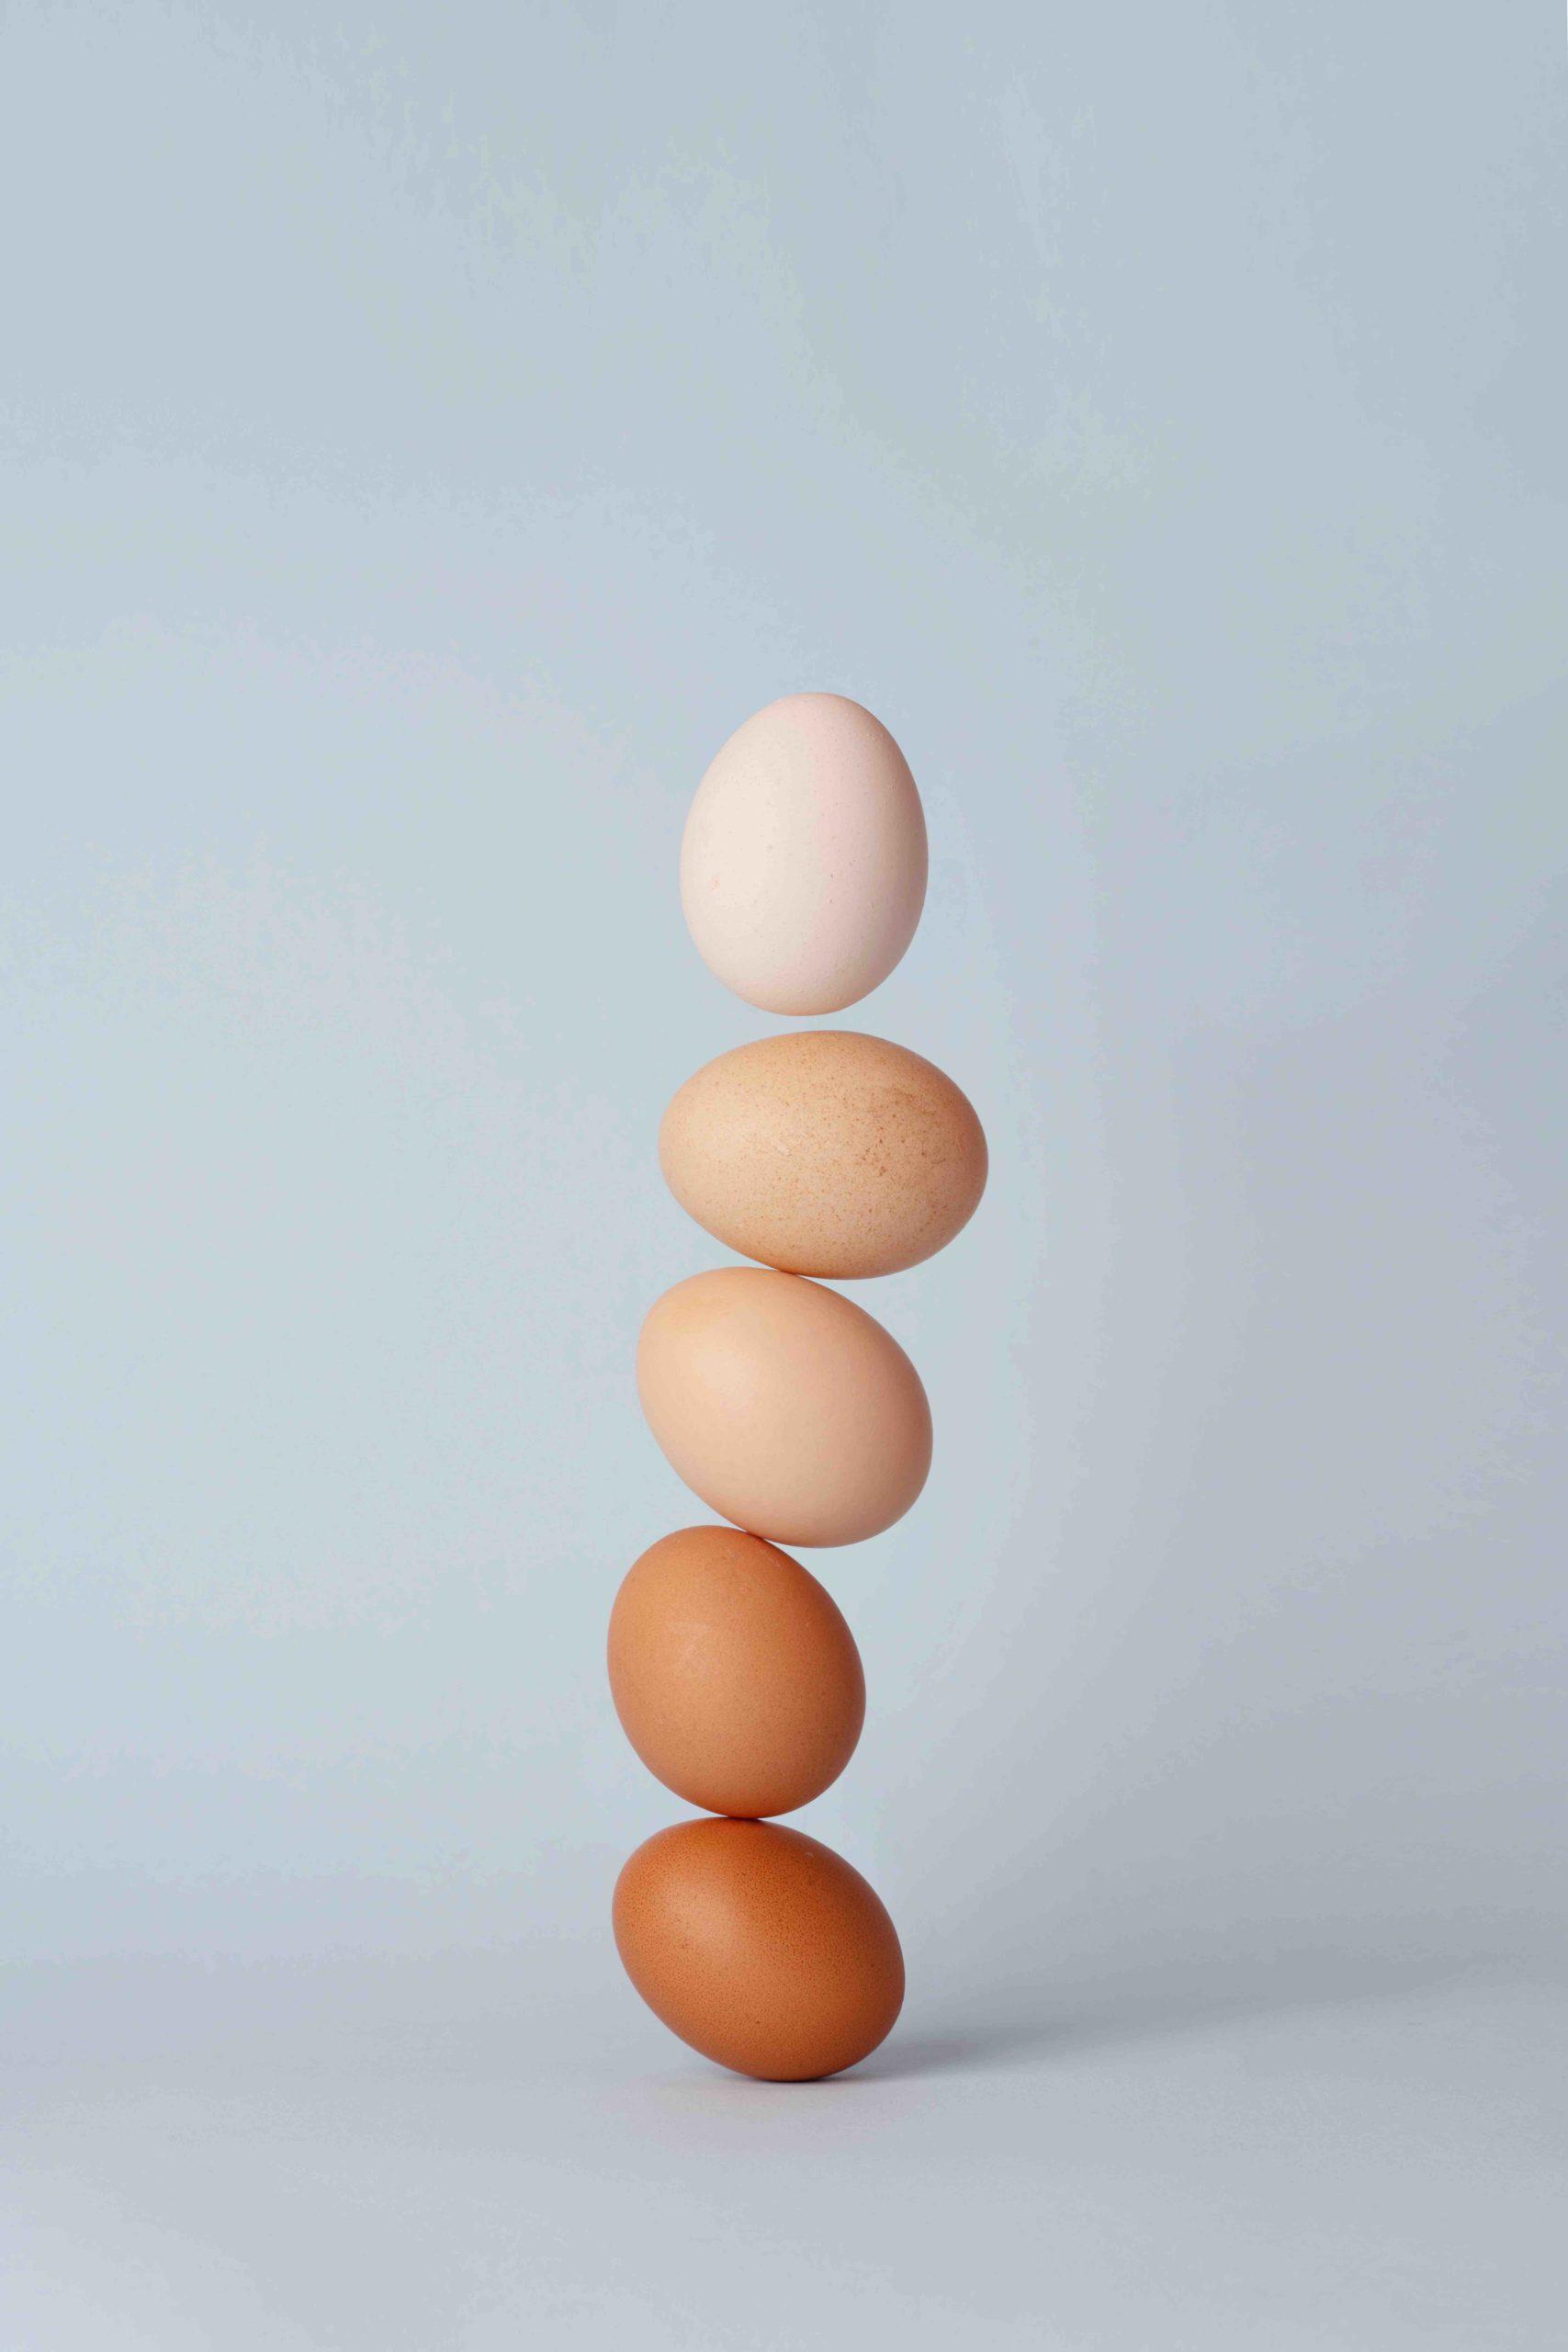 Was der Eier-Code wirklich aussagt